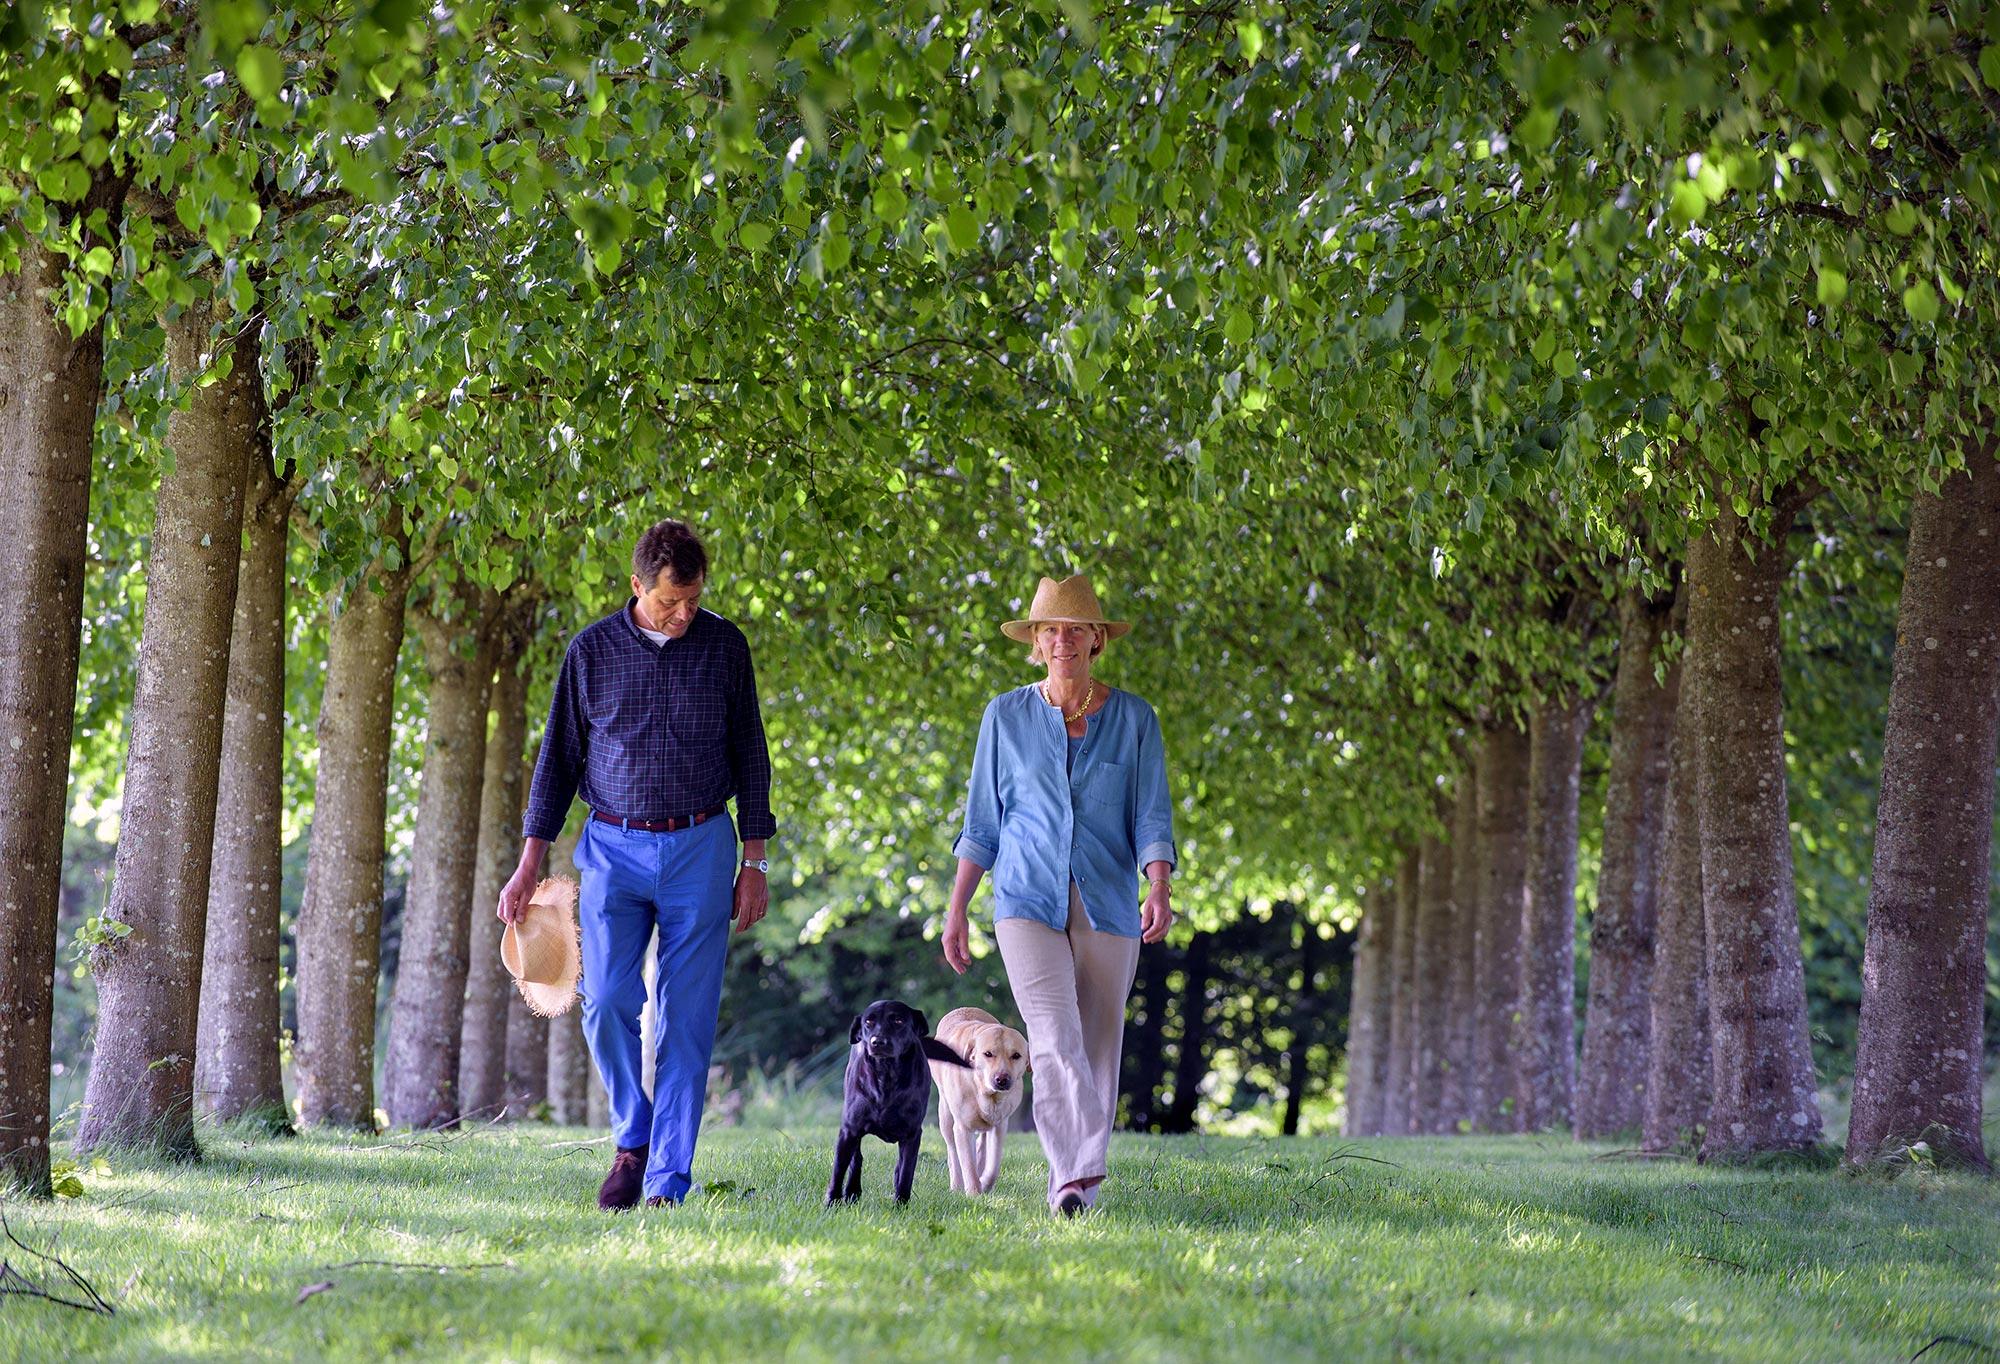 Un homme et une femme marche sous une allée d'arbre avec deux chiens